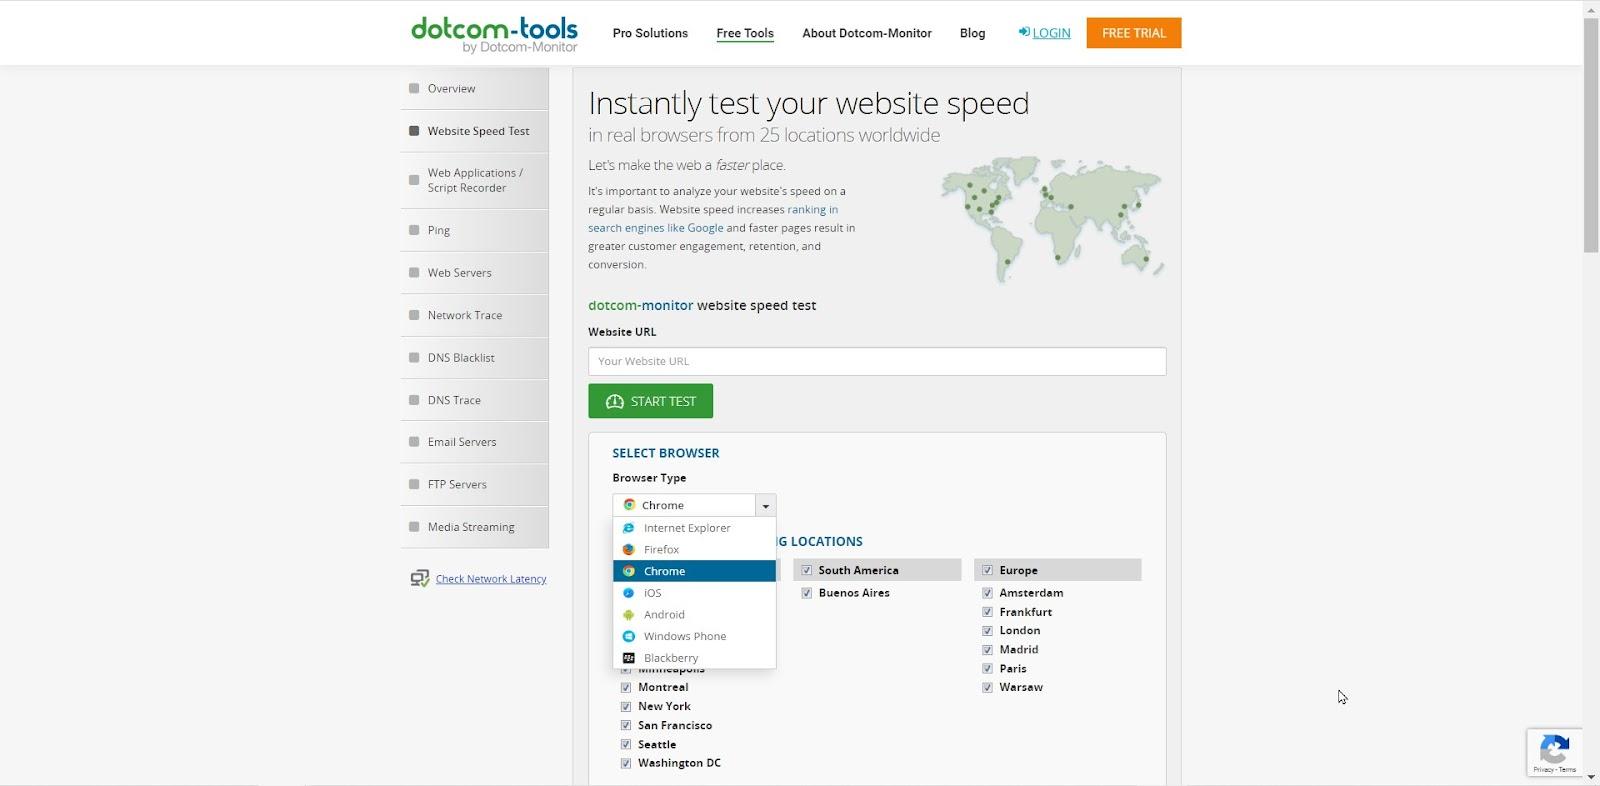 Dotcom-tools website speed test tool